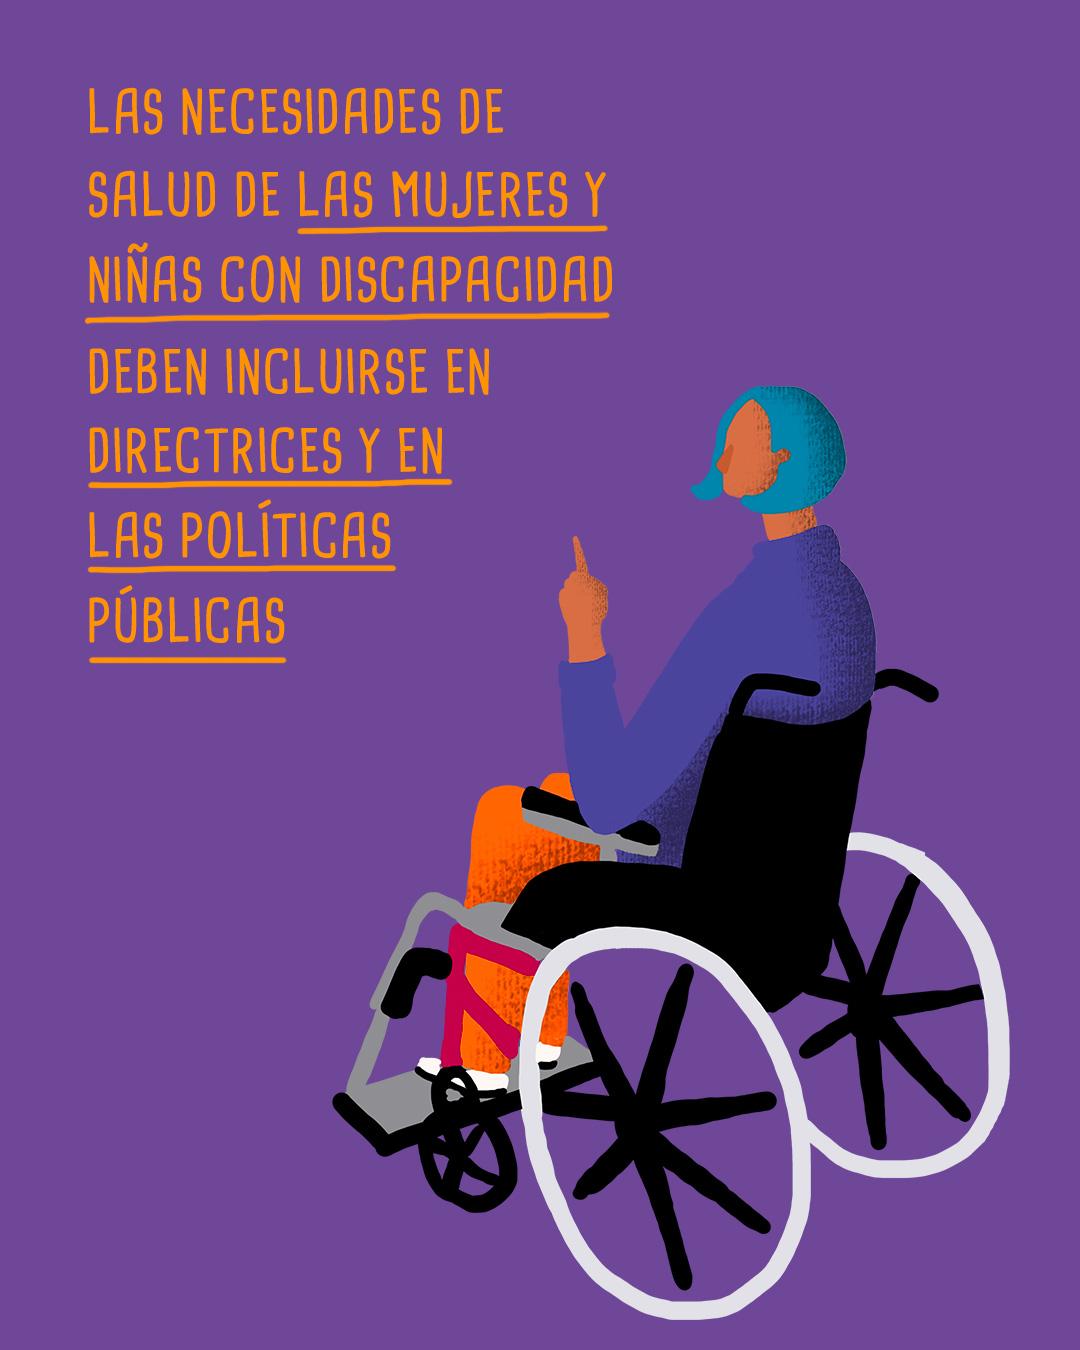 Ilustración de una persona con discapacidad motora. Un texto que dice, las necesidades de salud de las mujeres y niñas con discapacidad deben incluirse en directrices y en las políticas públicas.